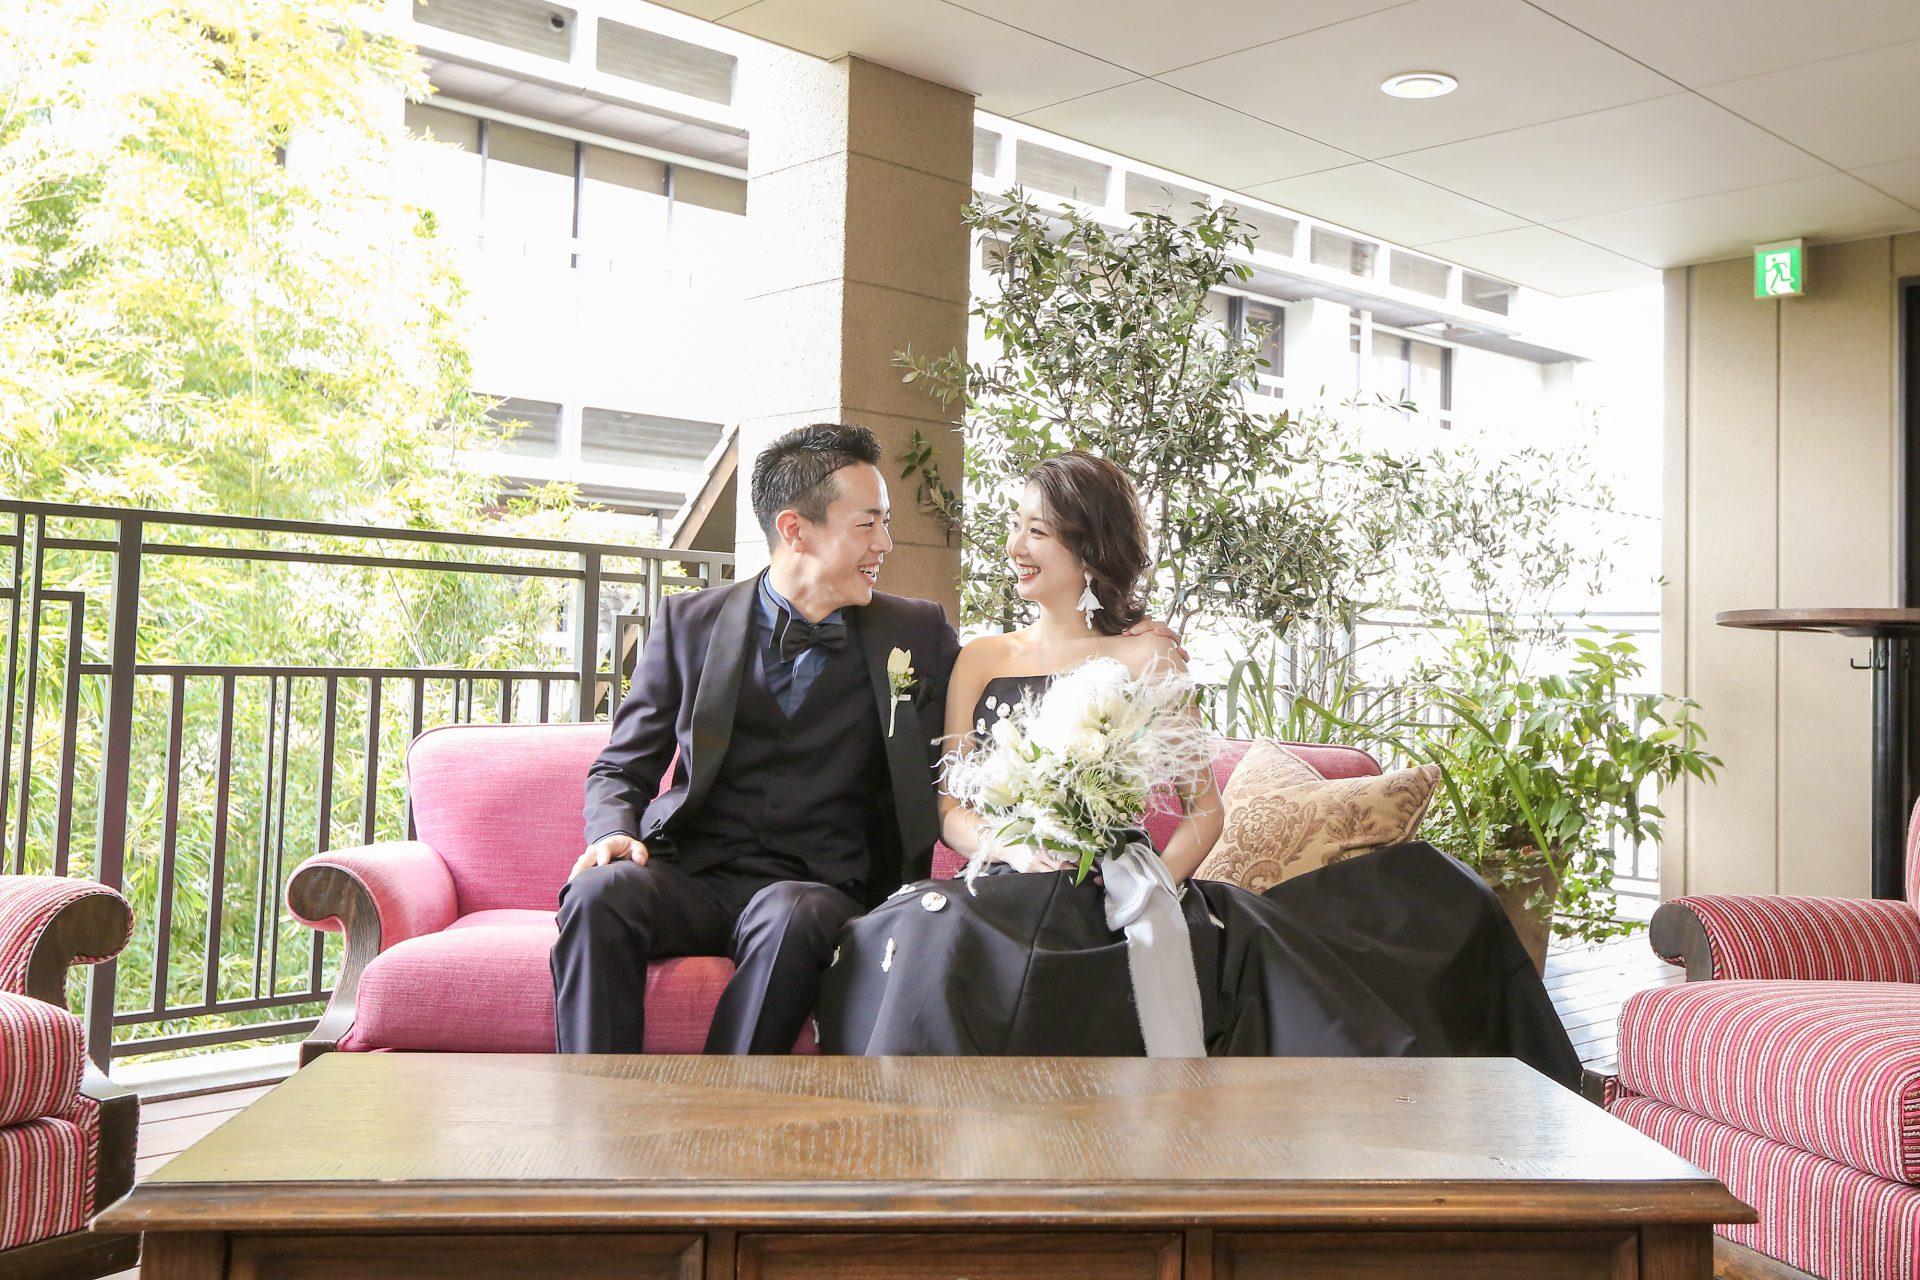 フォーチュンガーデン京都で結婚式を挙げられるお二人にご紹介したい素敵なお色直しスタイル